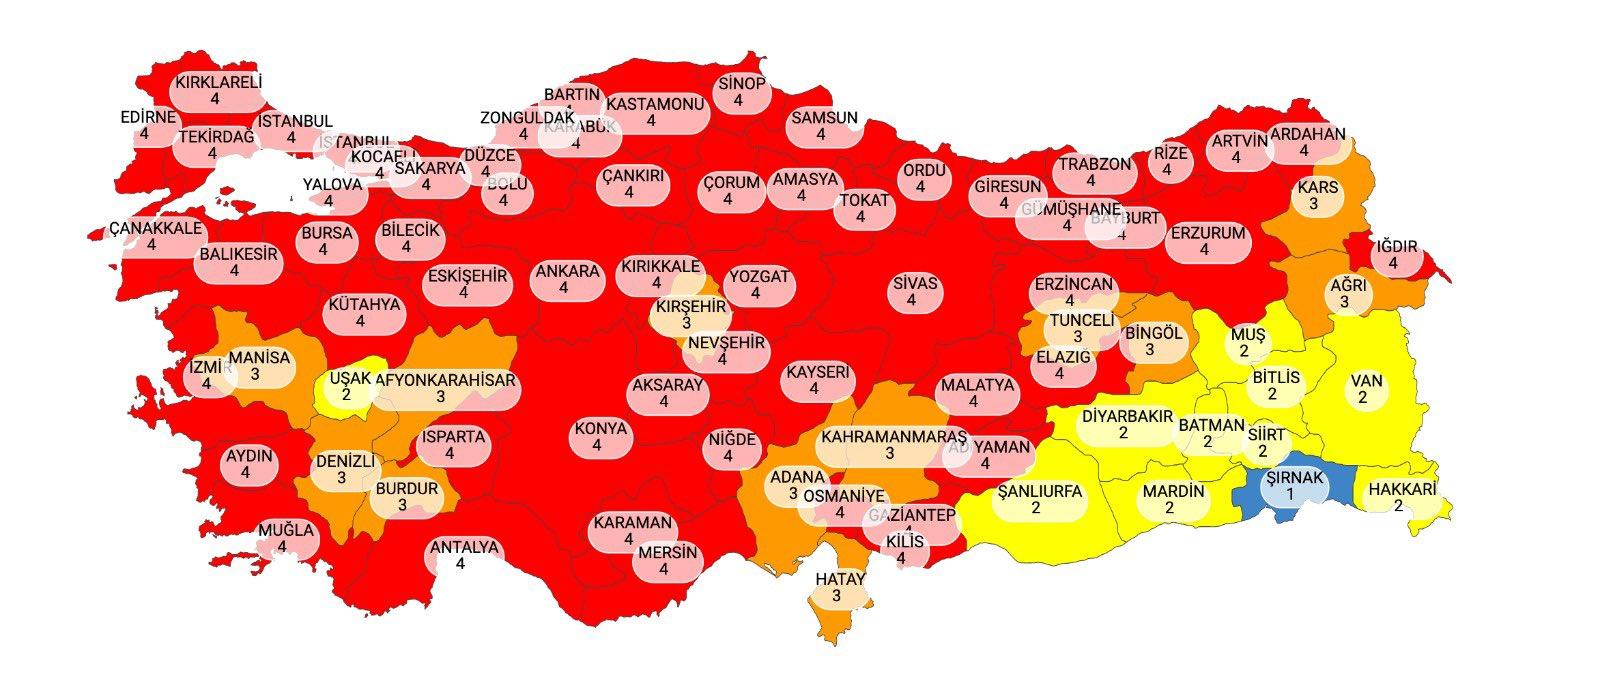 2-harita.jpg